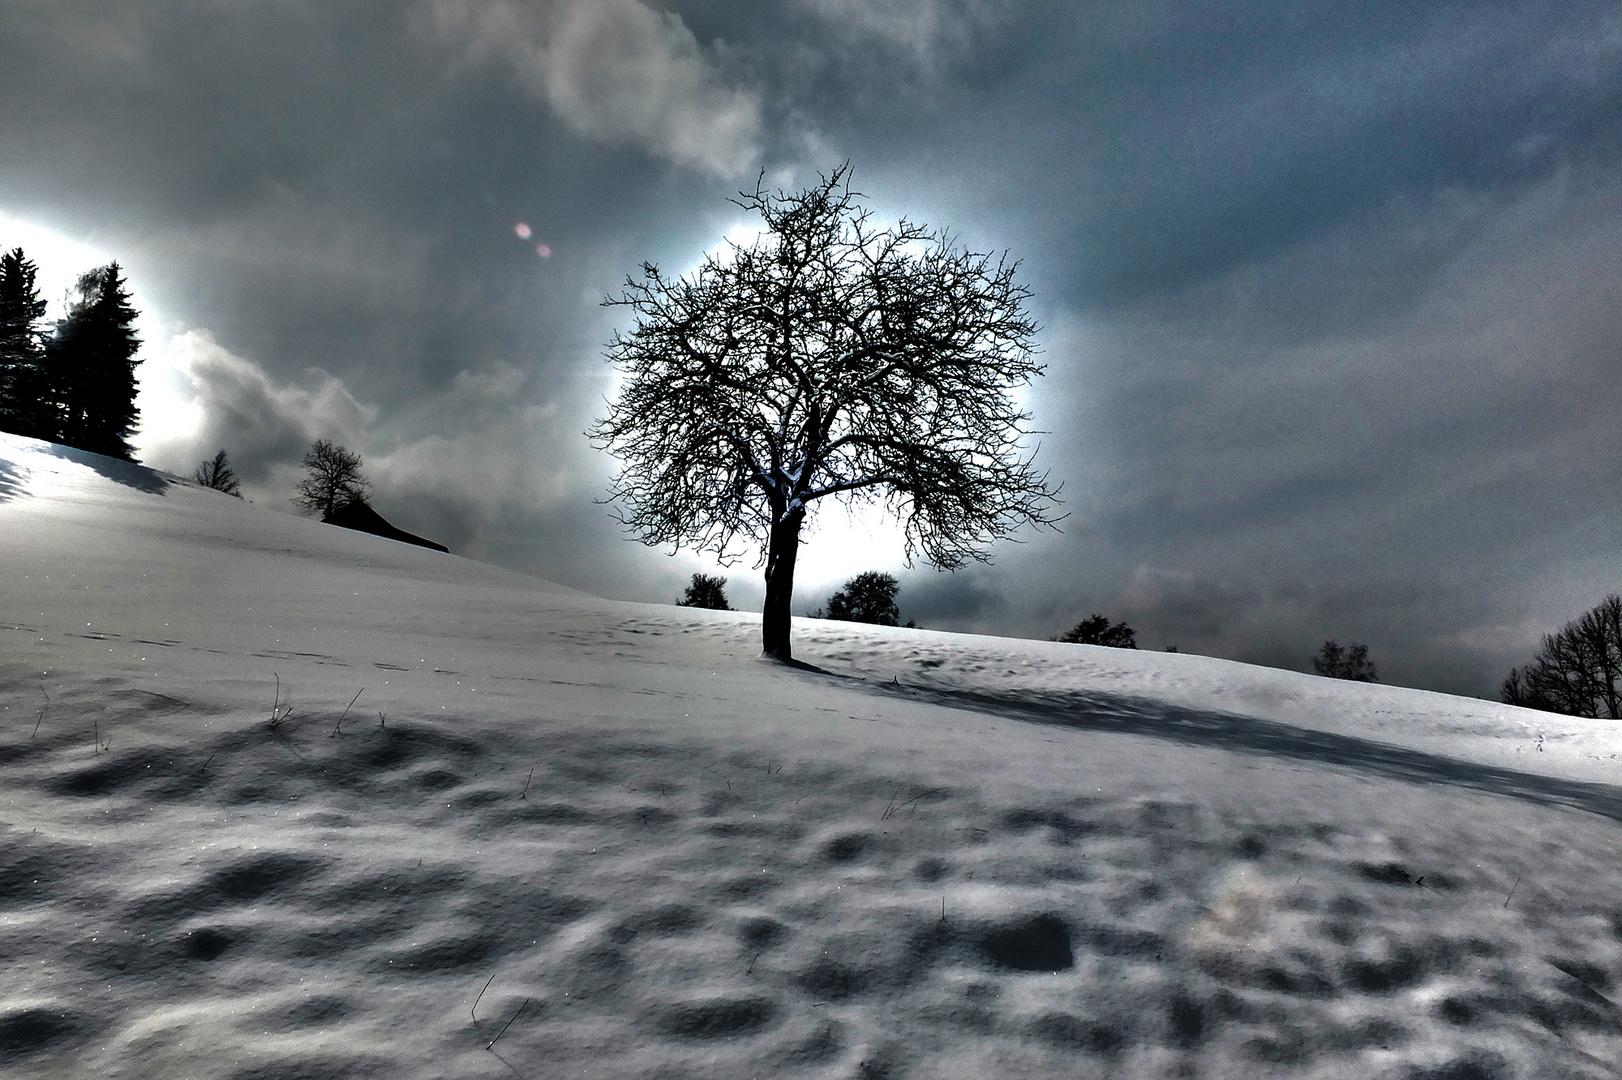 Baum im Spezialeffekt